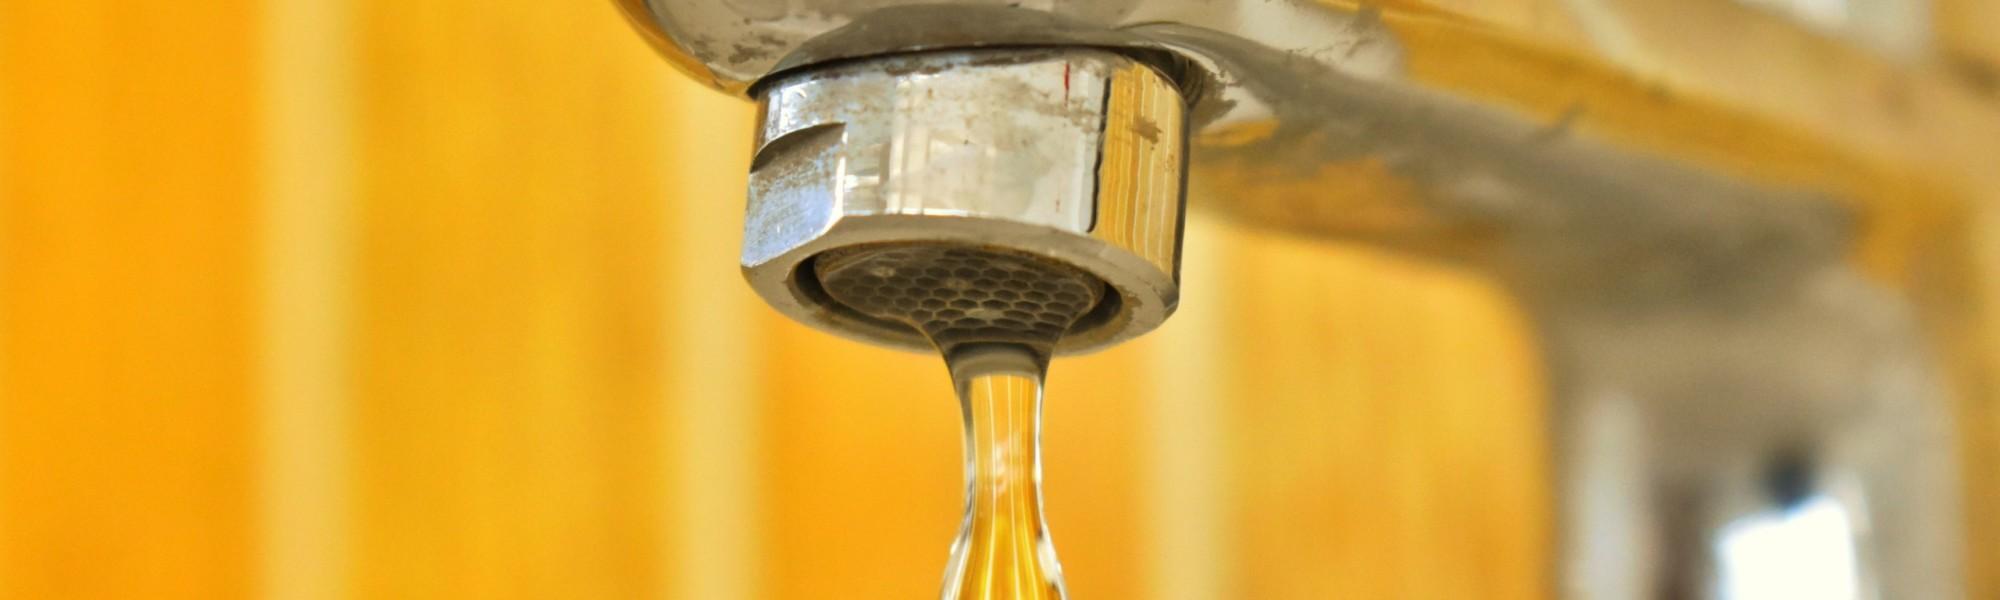 Vesihanasta valuu vettä, kirkkaan keltainen tausta